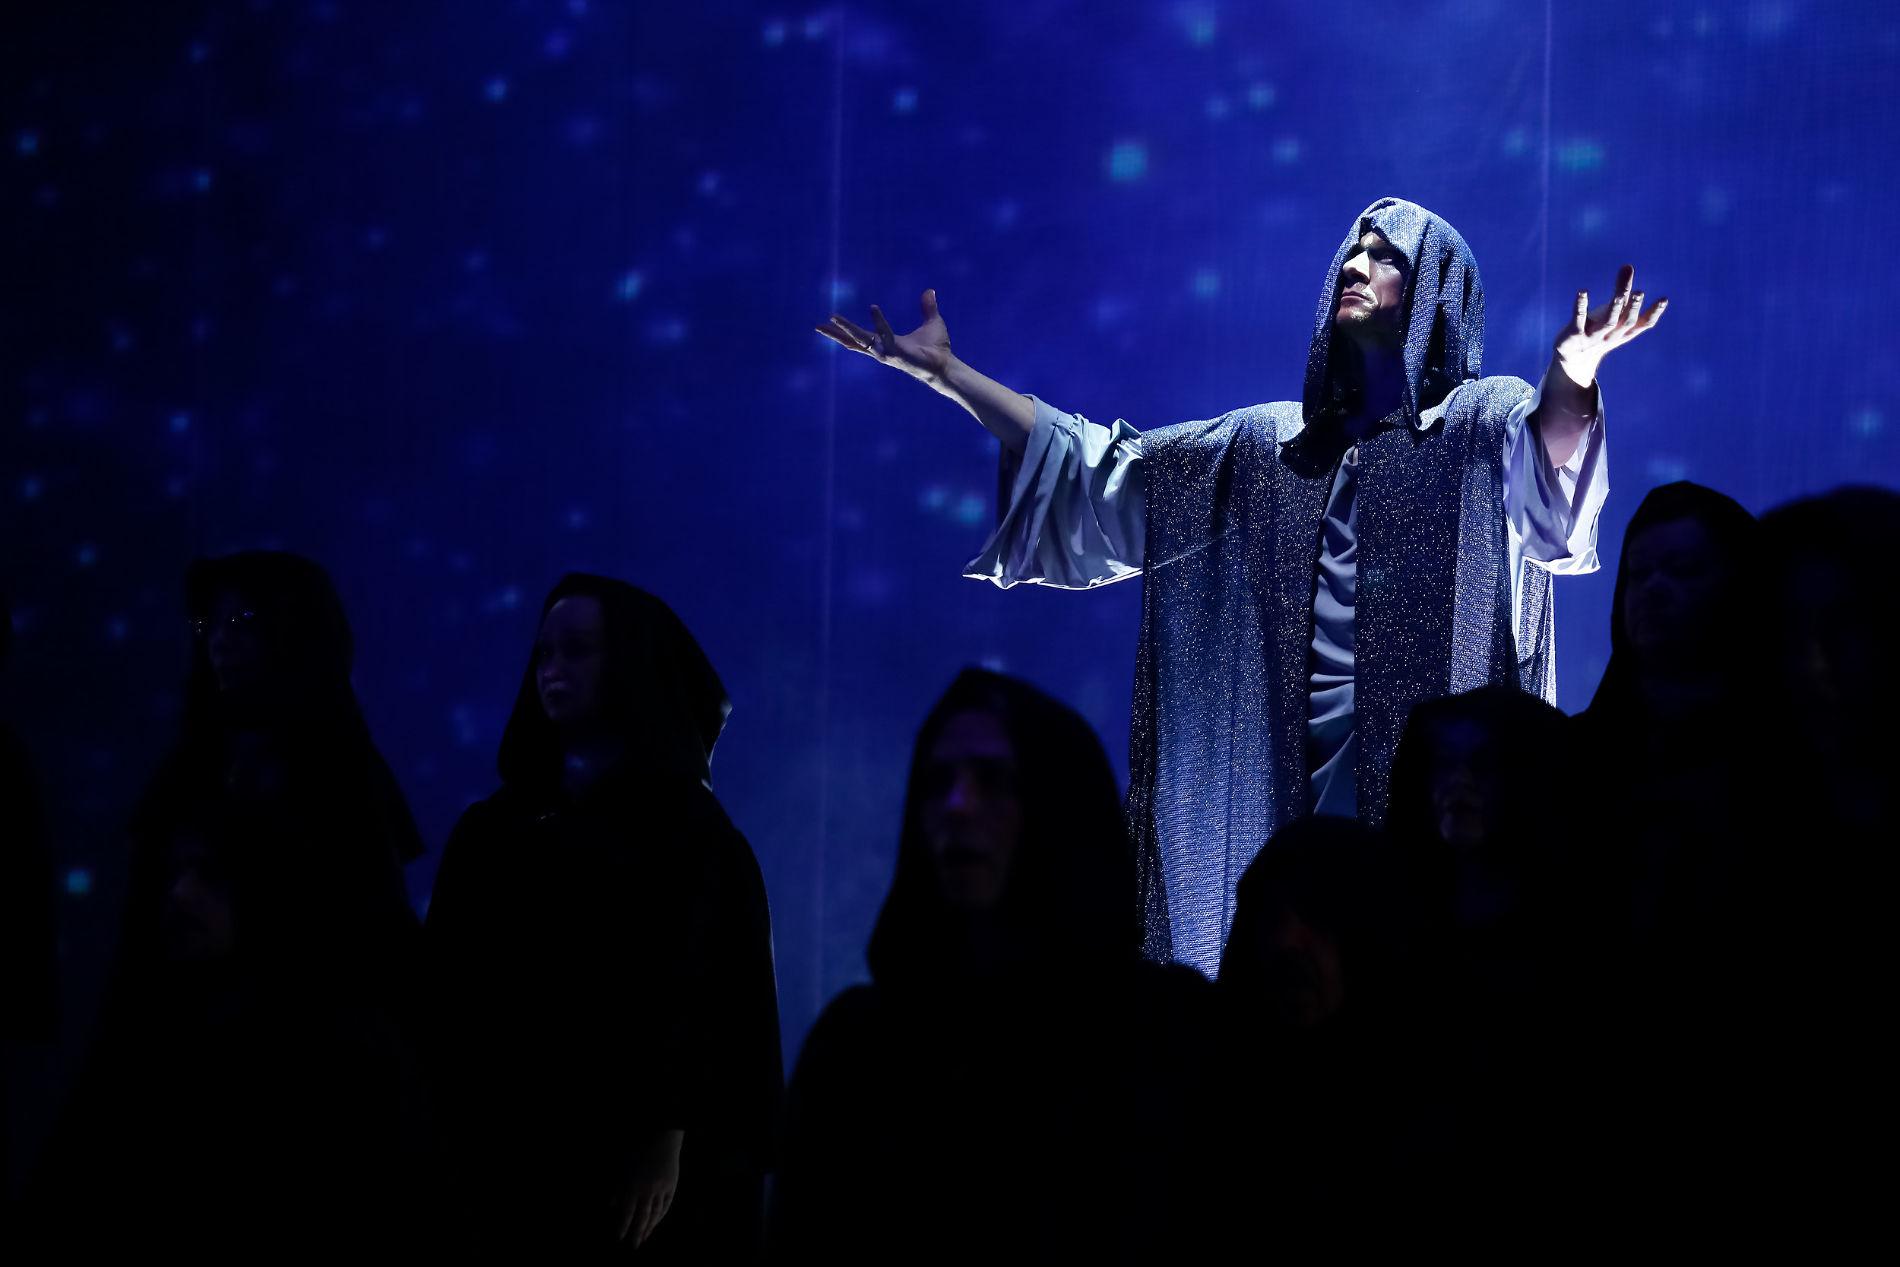 ©Фотография предоставлена пресс-службой Музыкального театра КТО «Премьера» имени Л.Г. Гатова